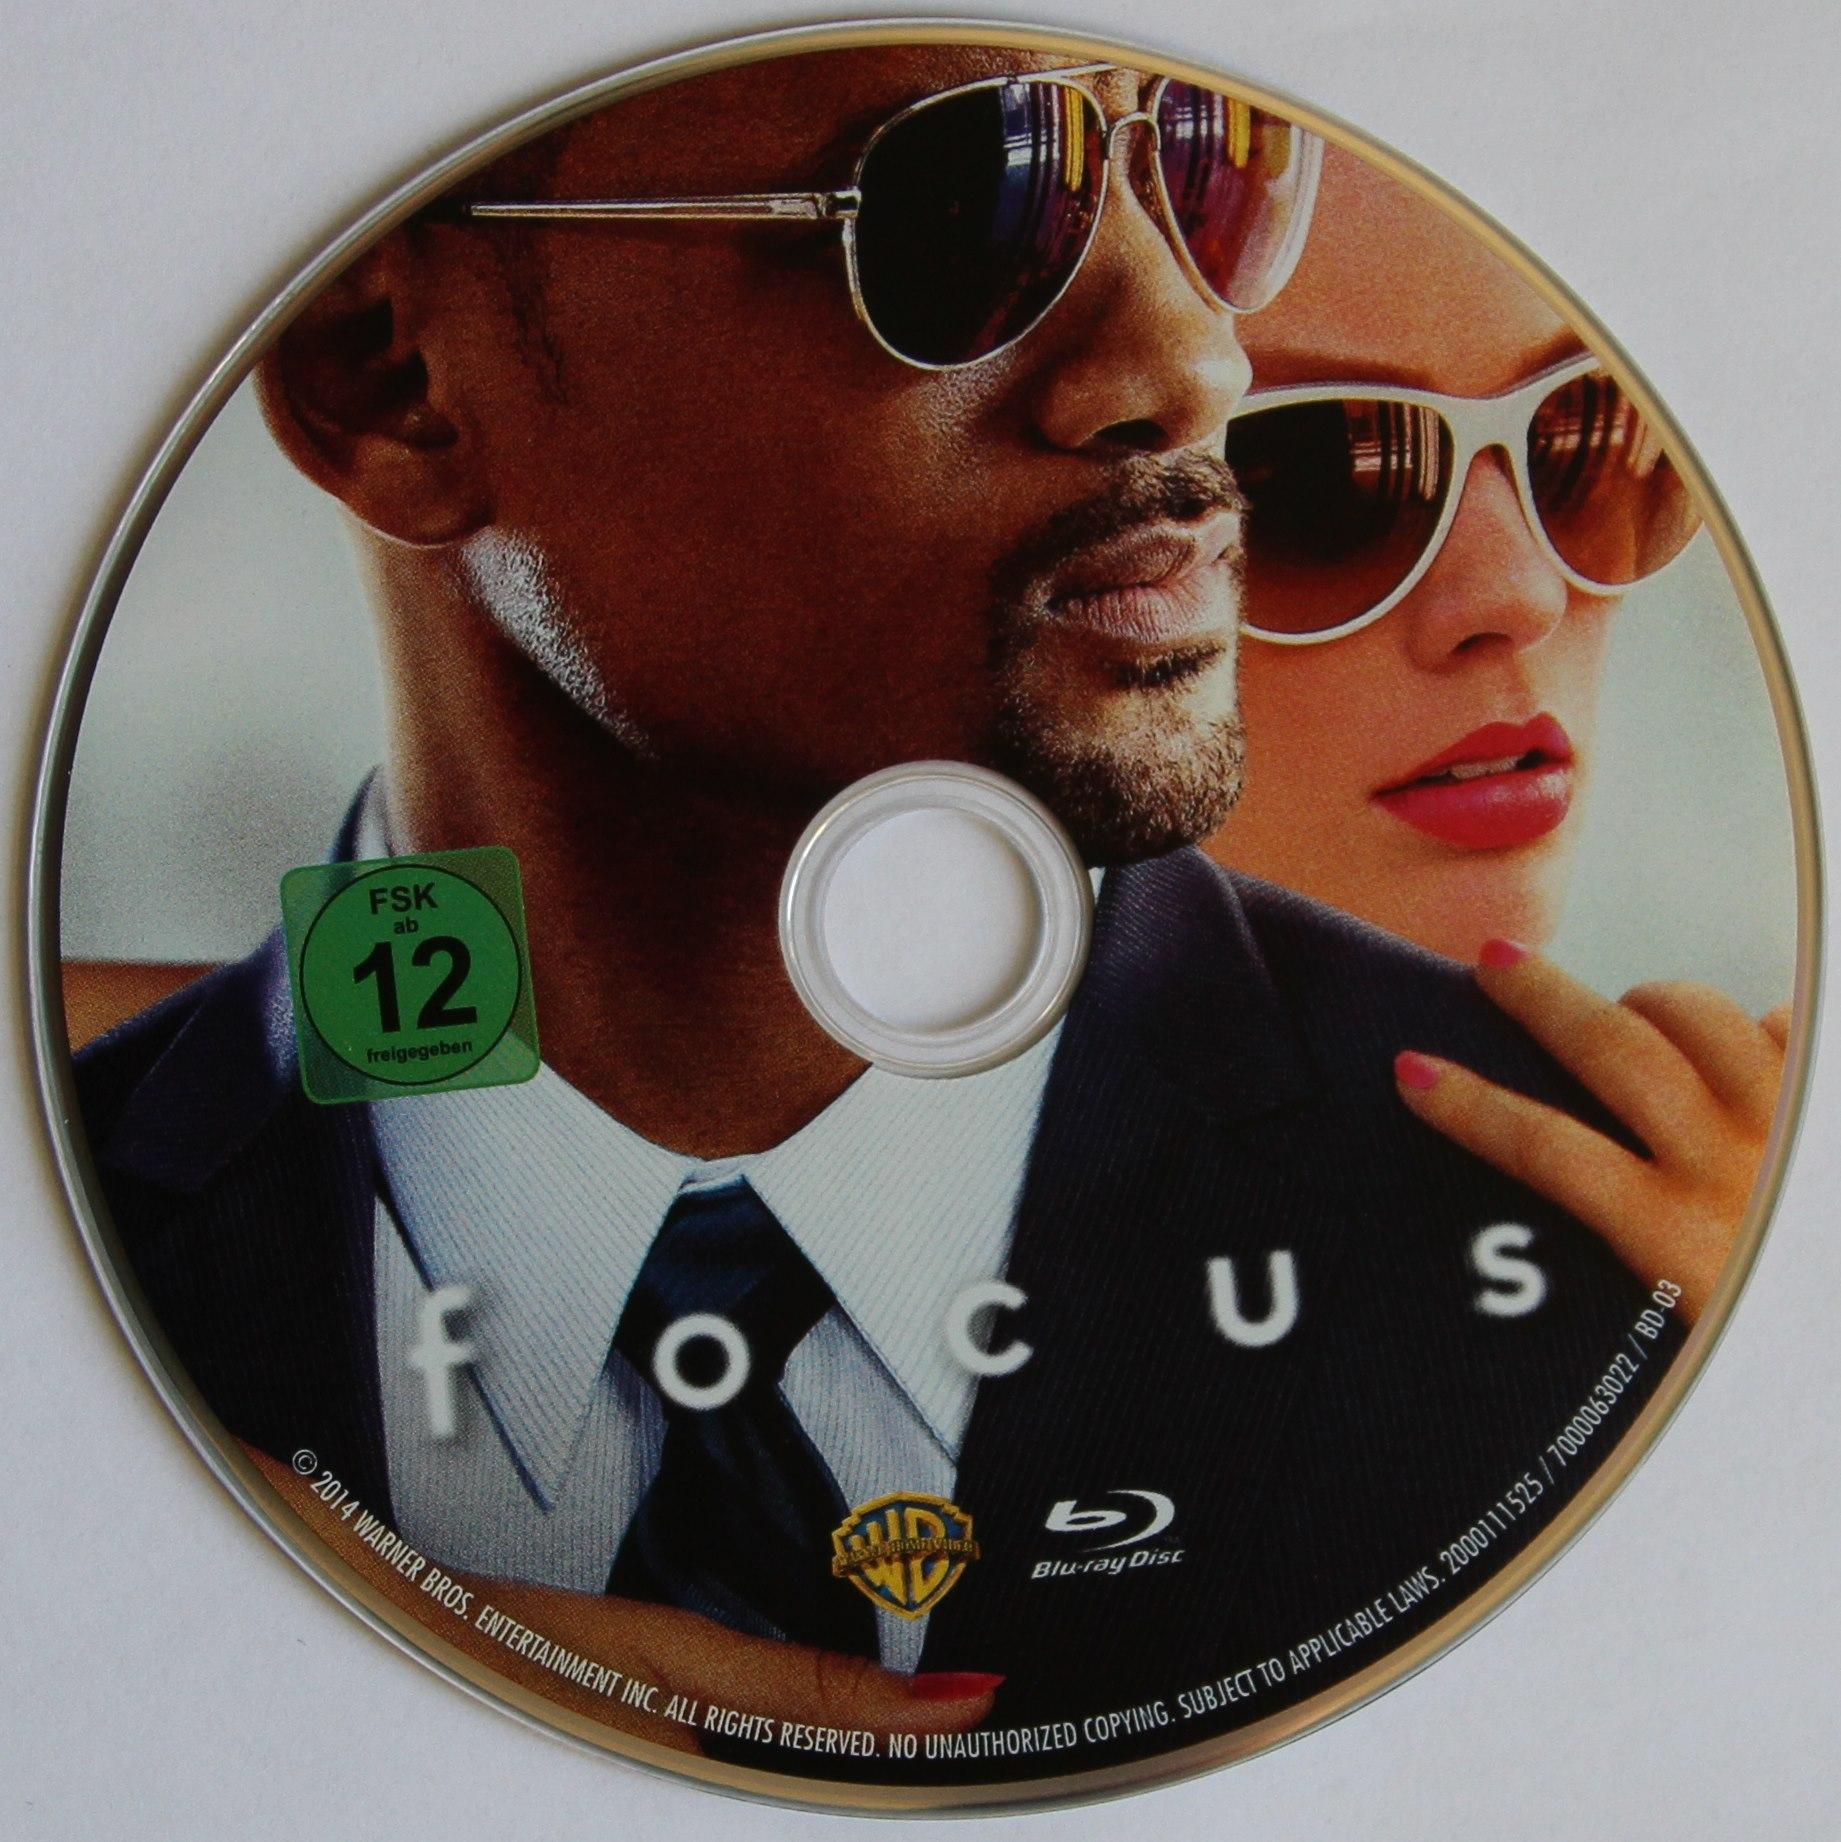 Focus Disk